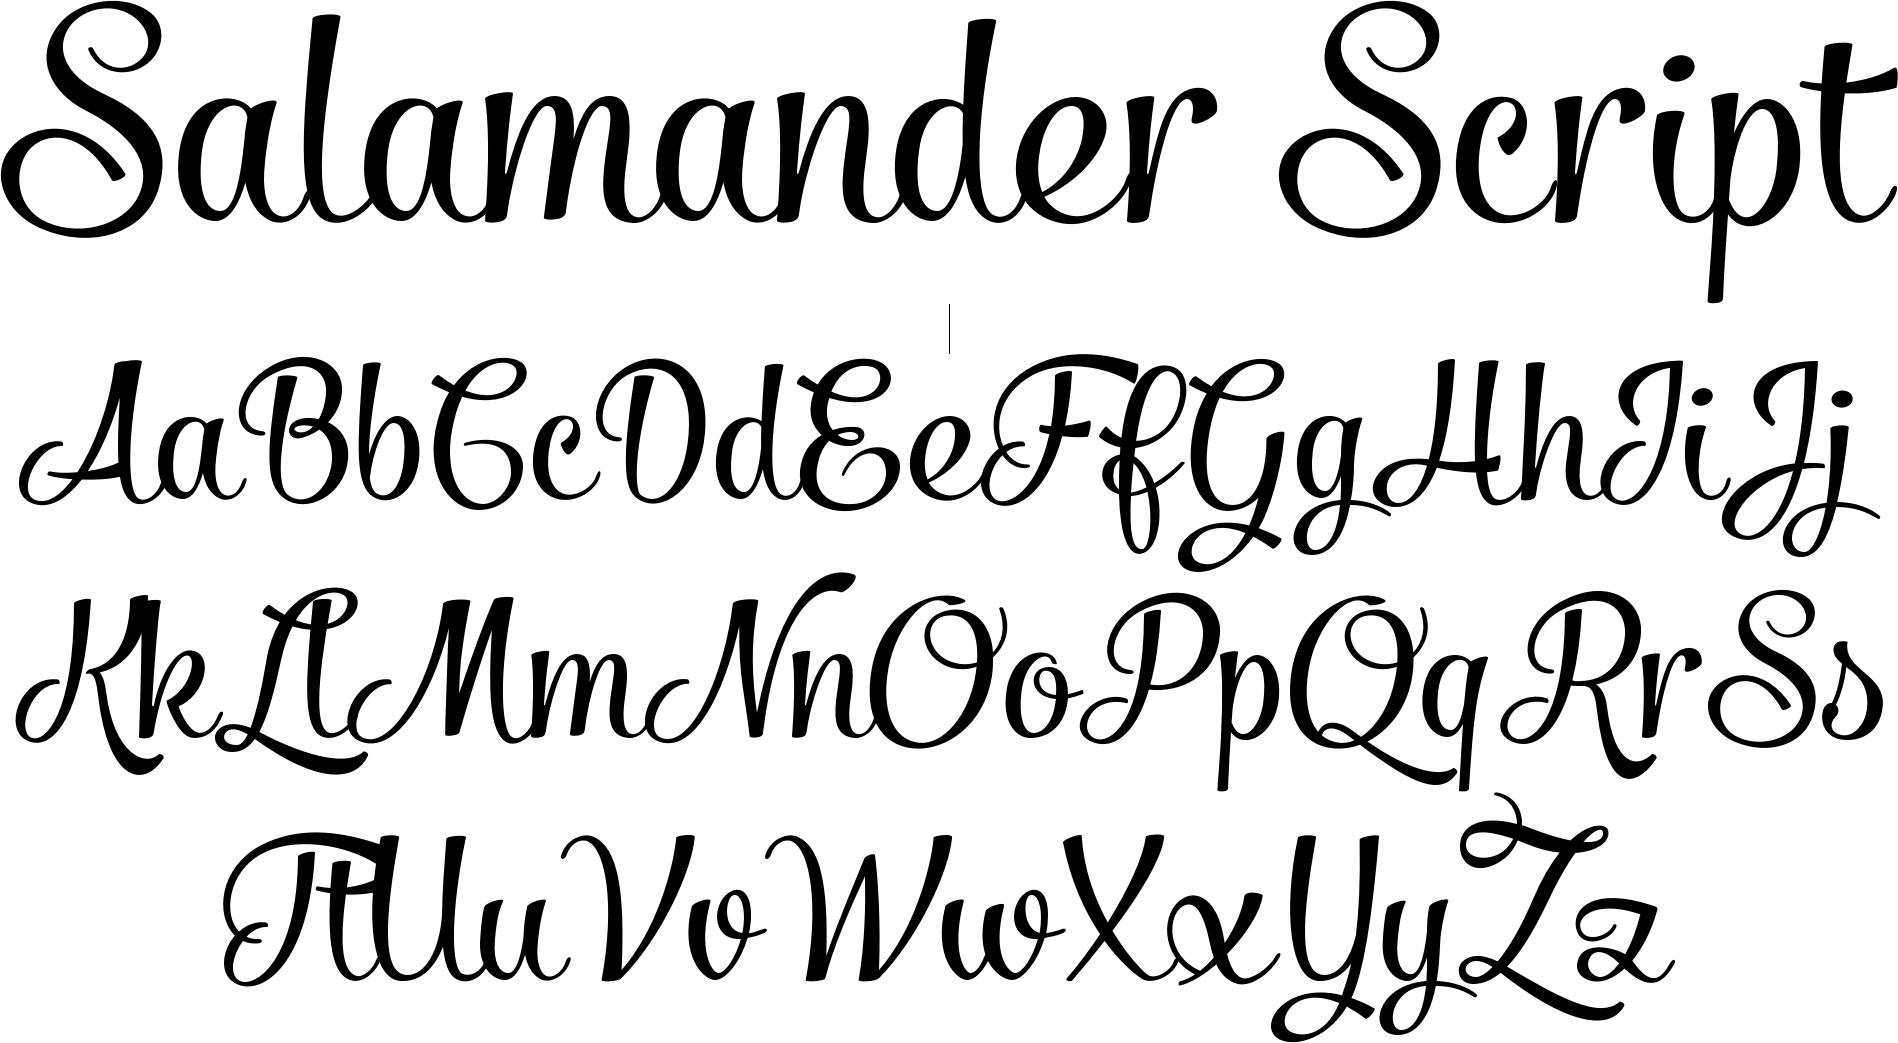 script fonts | Salamander Script Font by Fenotype : Font Bros